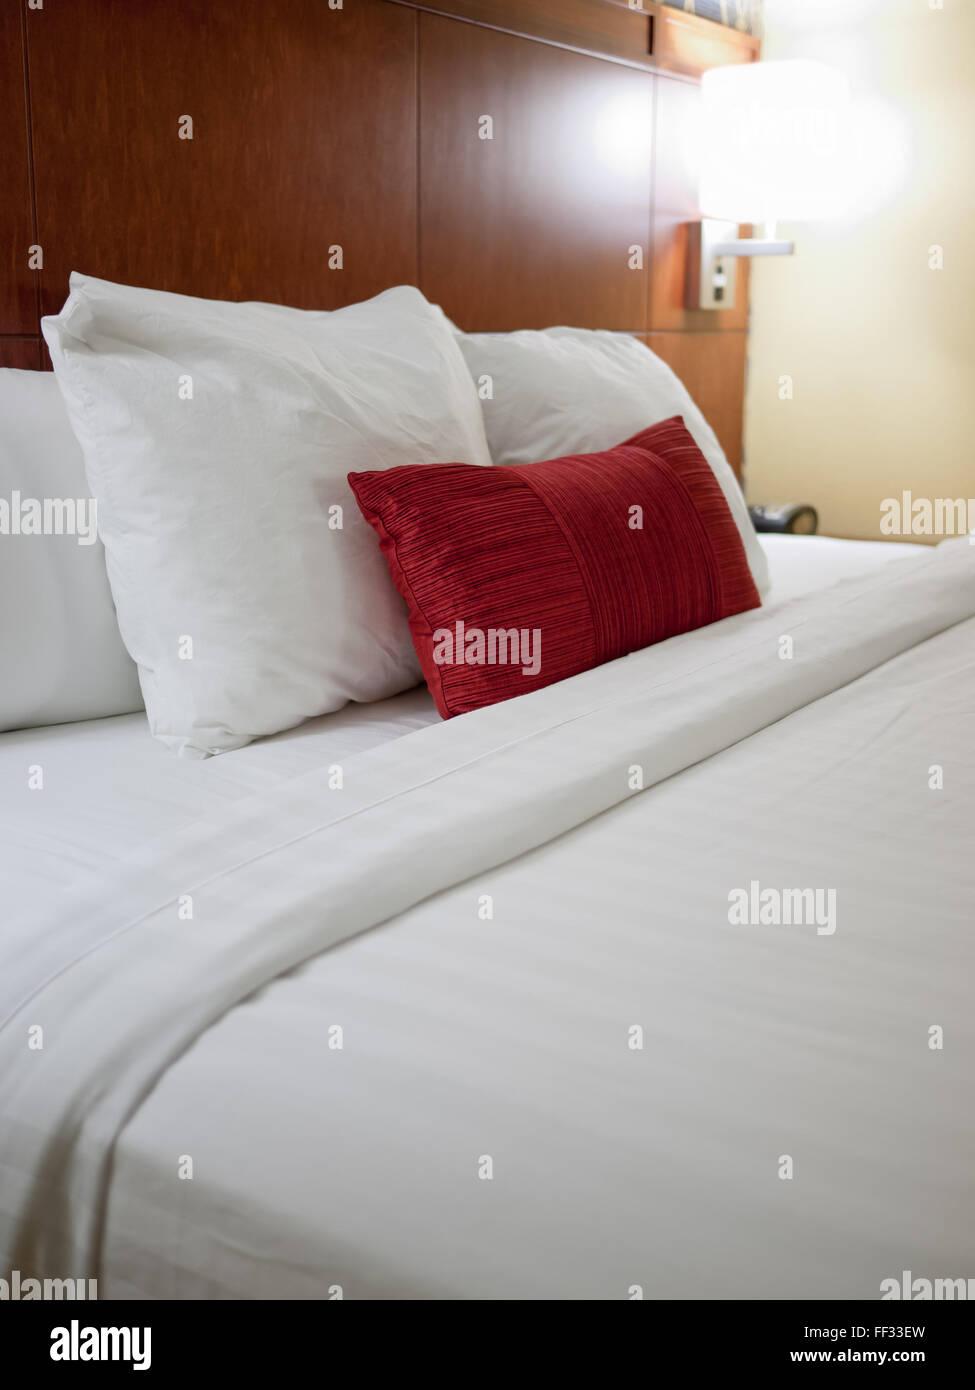 Cuscini Letto All Americana.Hotel Moderno Camera Letto Con Il Bianco E Il Rosso Di Cuscini E Un